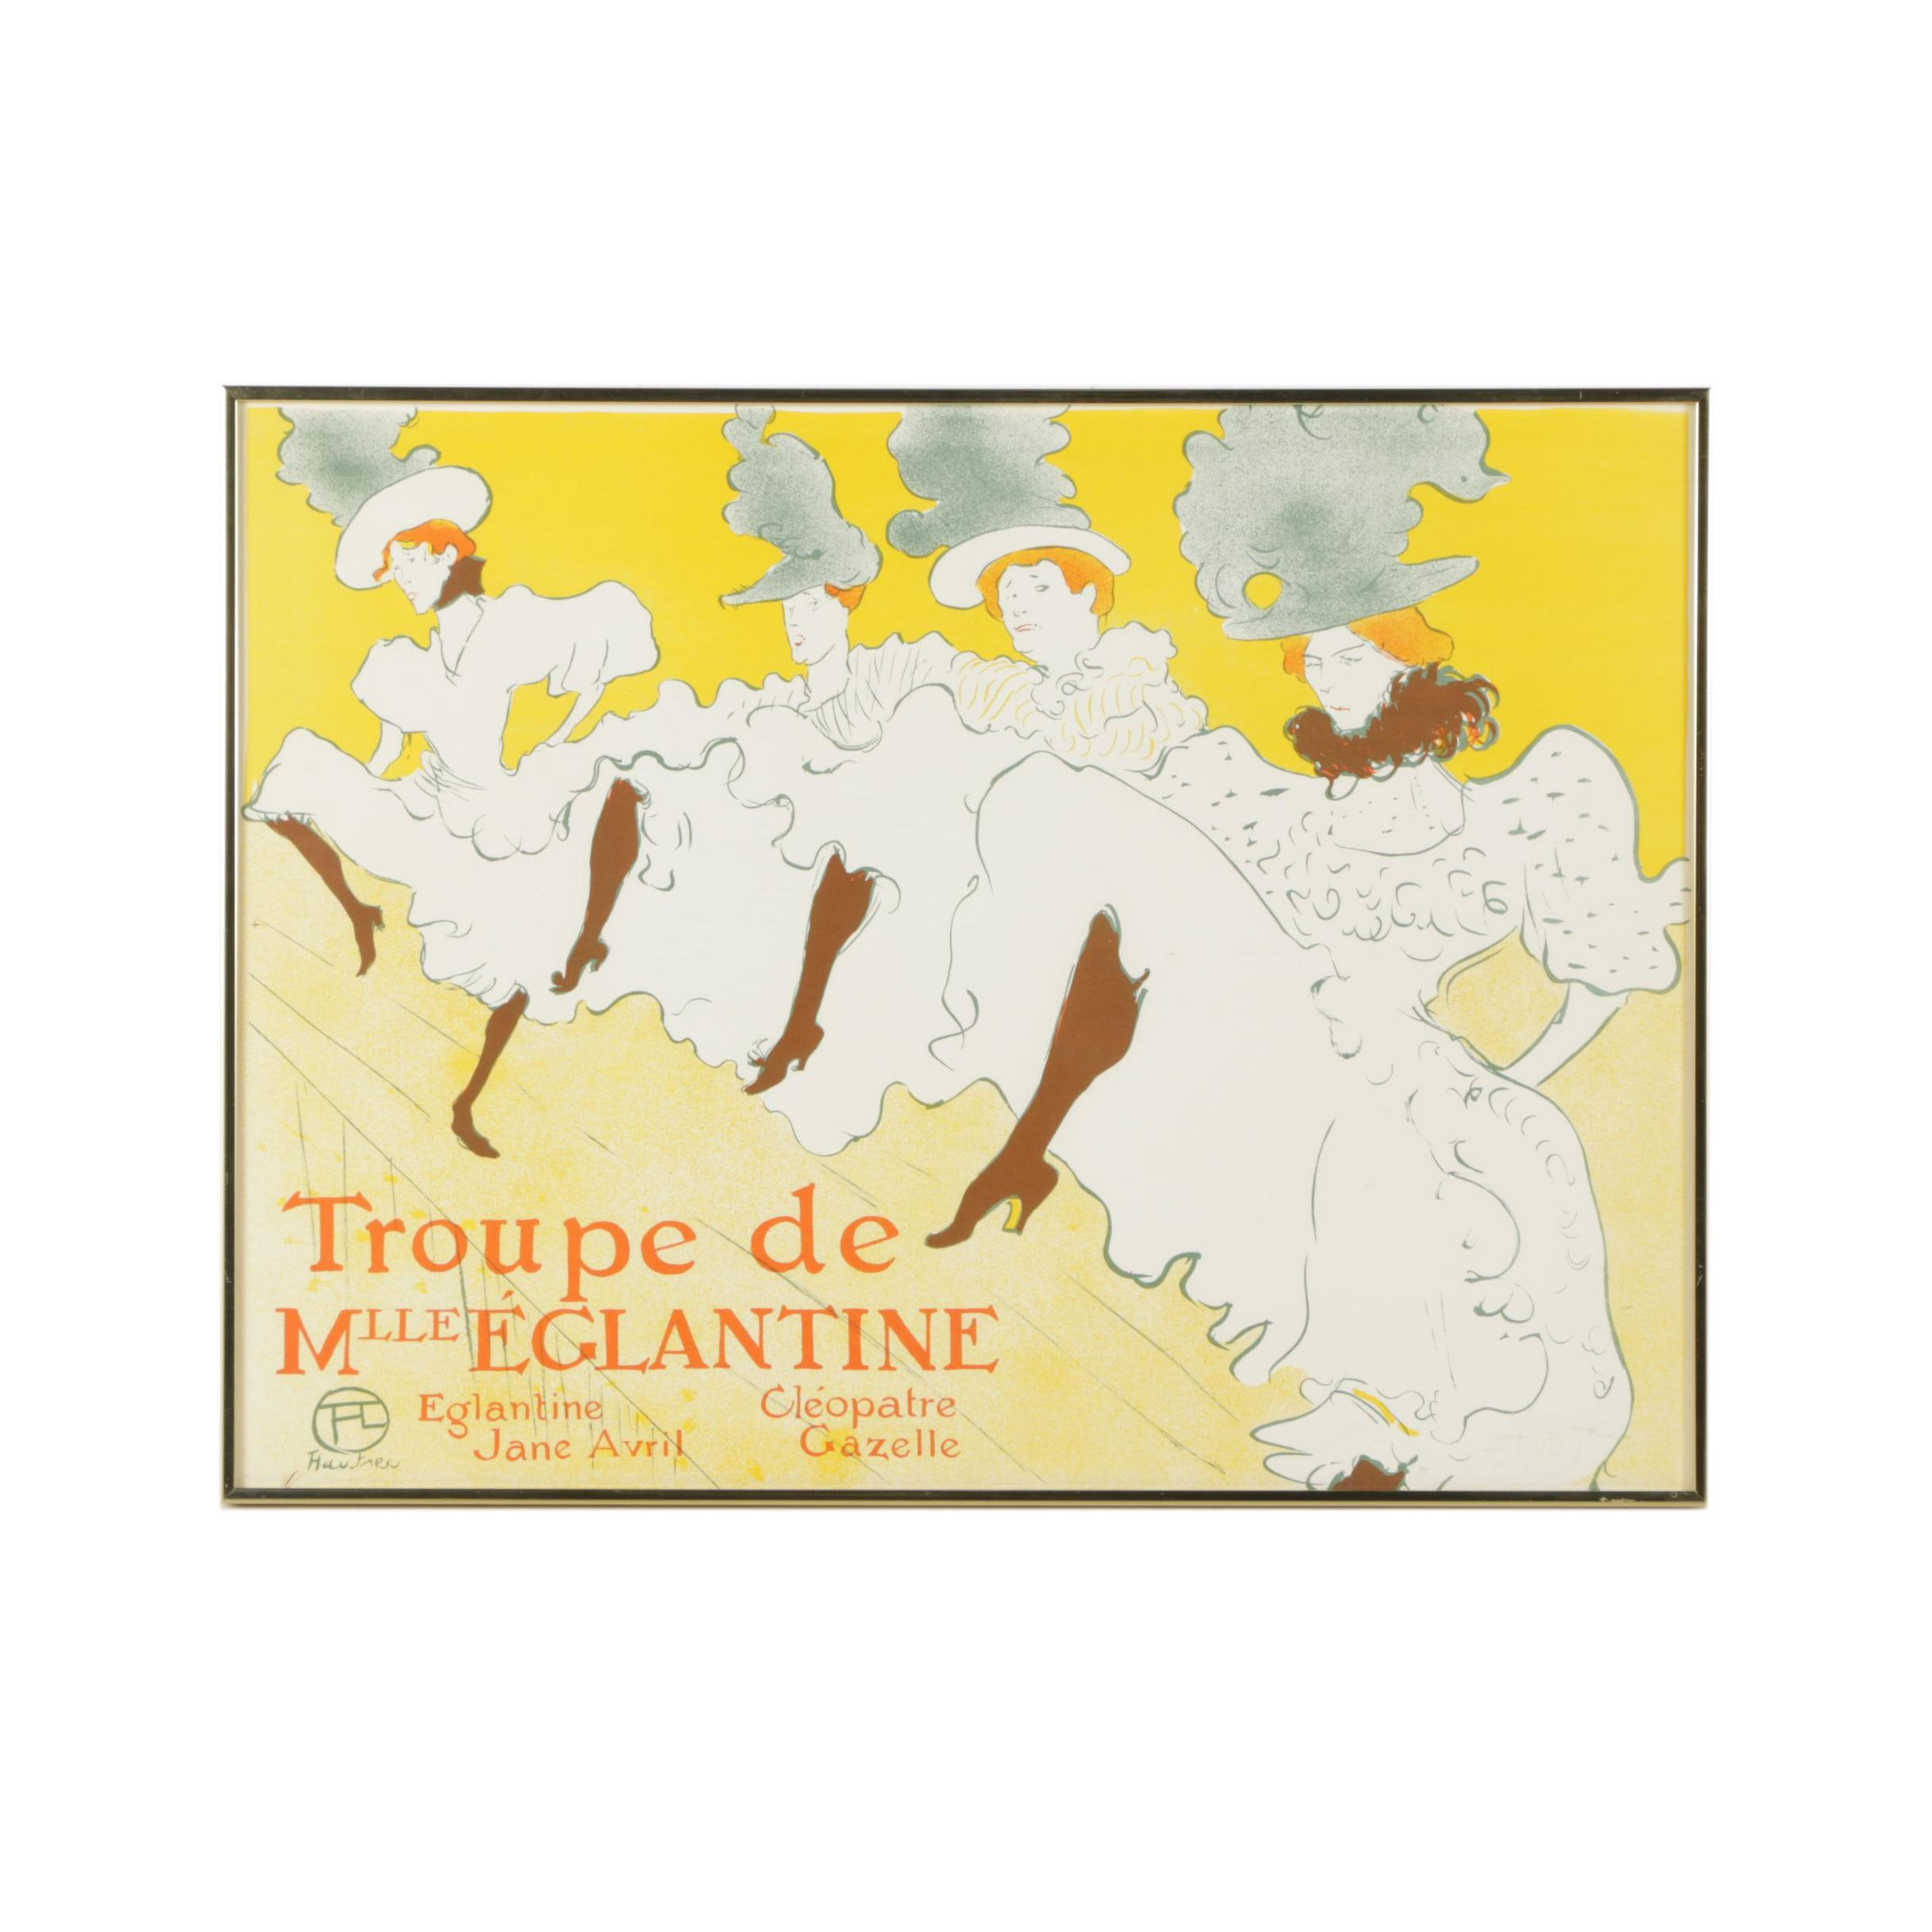 """Lithograph After Toulouse-Lautrec """"Troupe de Mlle Eglantine"""""""